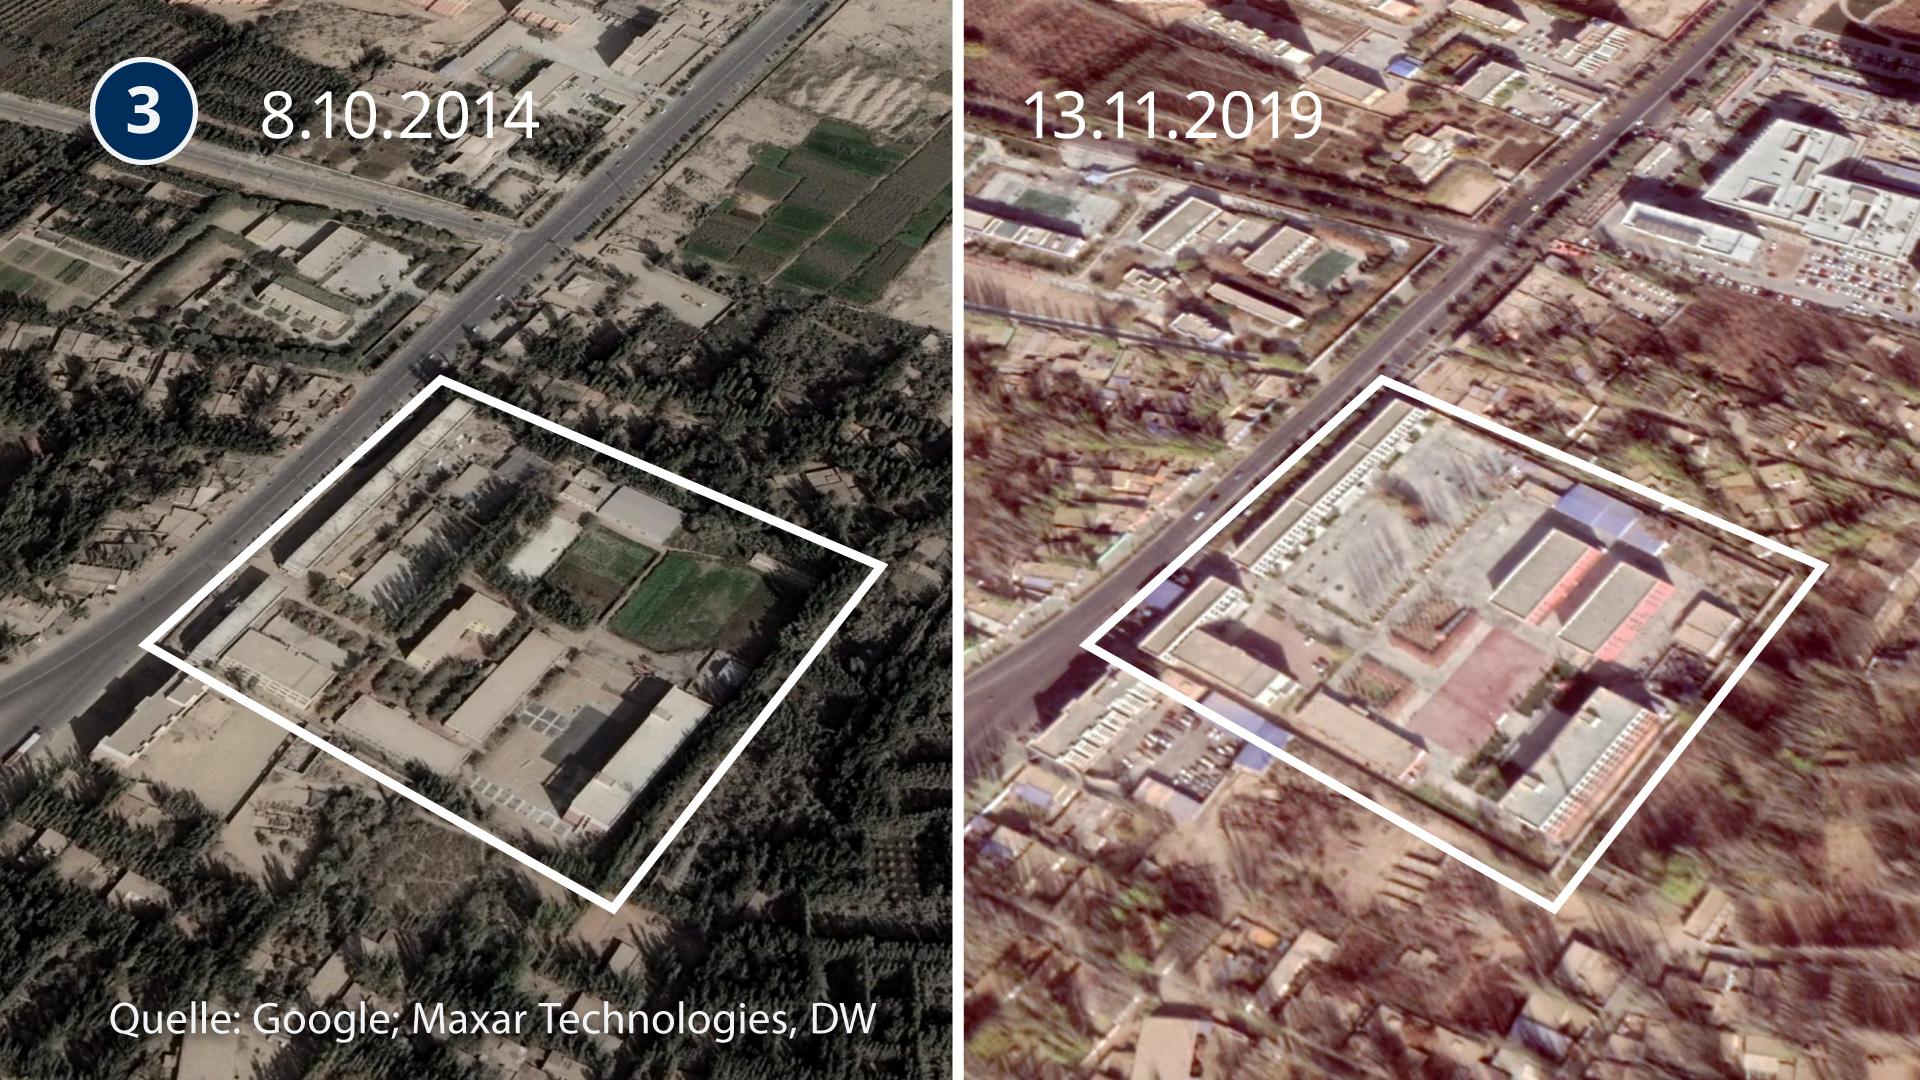 DW смогла определить местонахождение трех исправительных лагерей в Синьцзяне